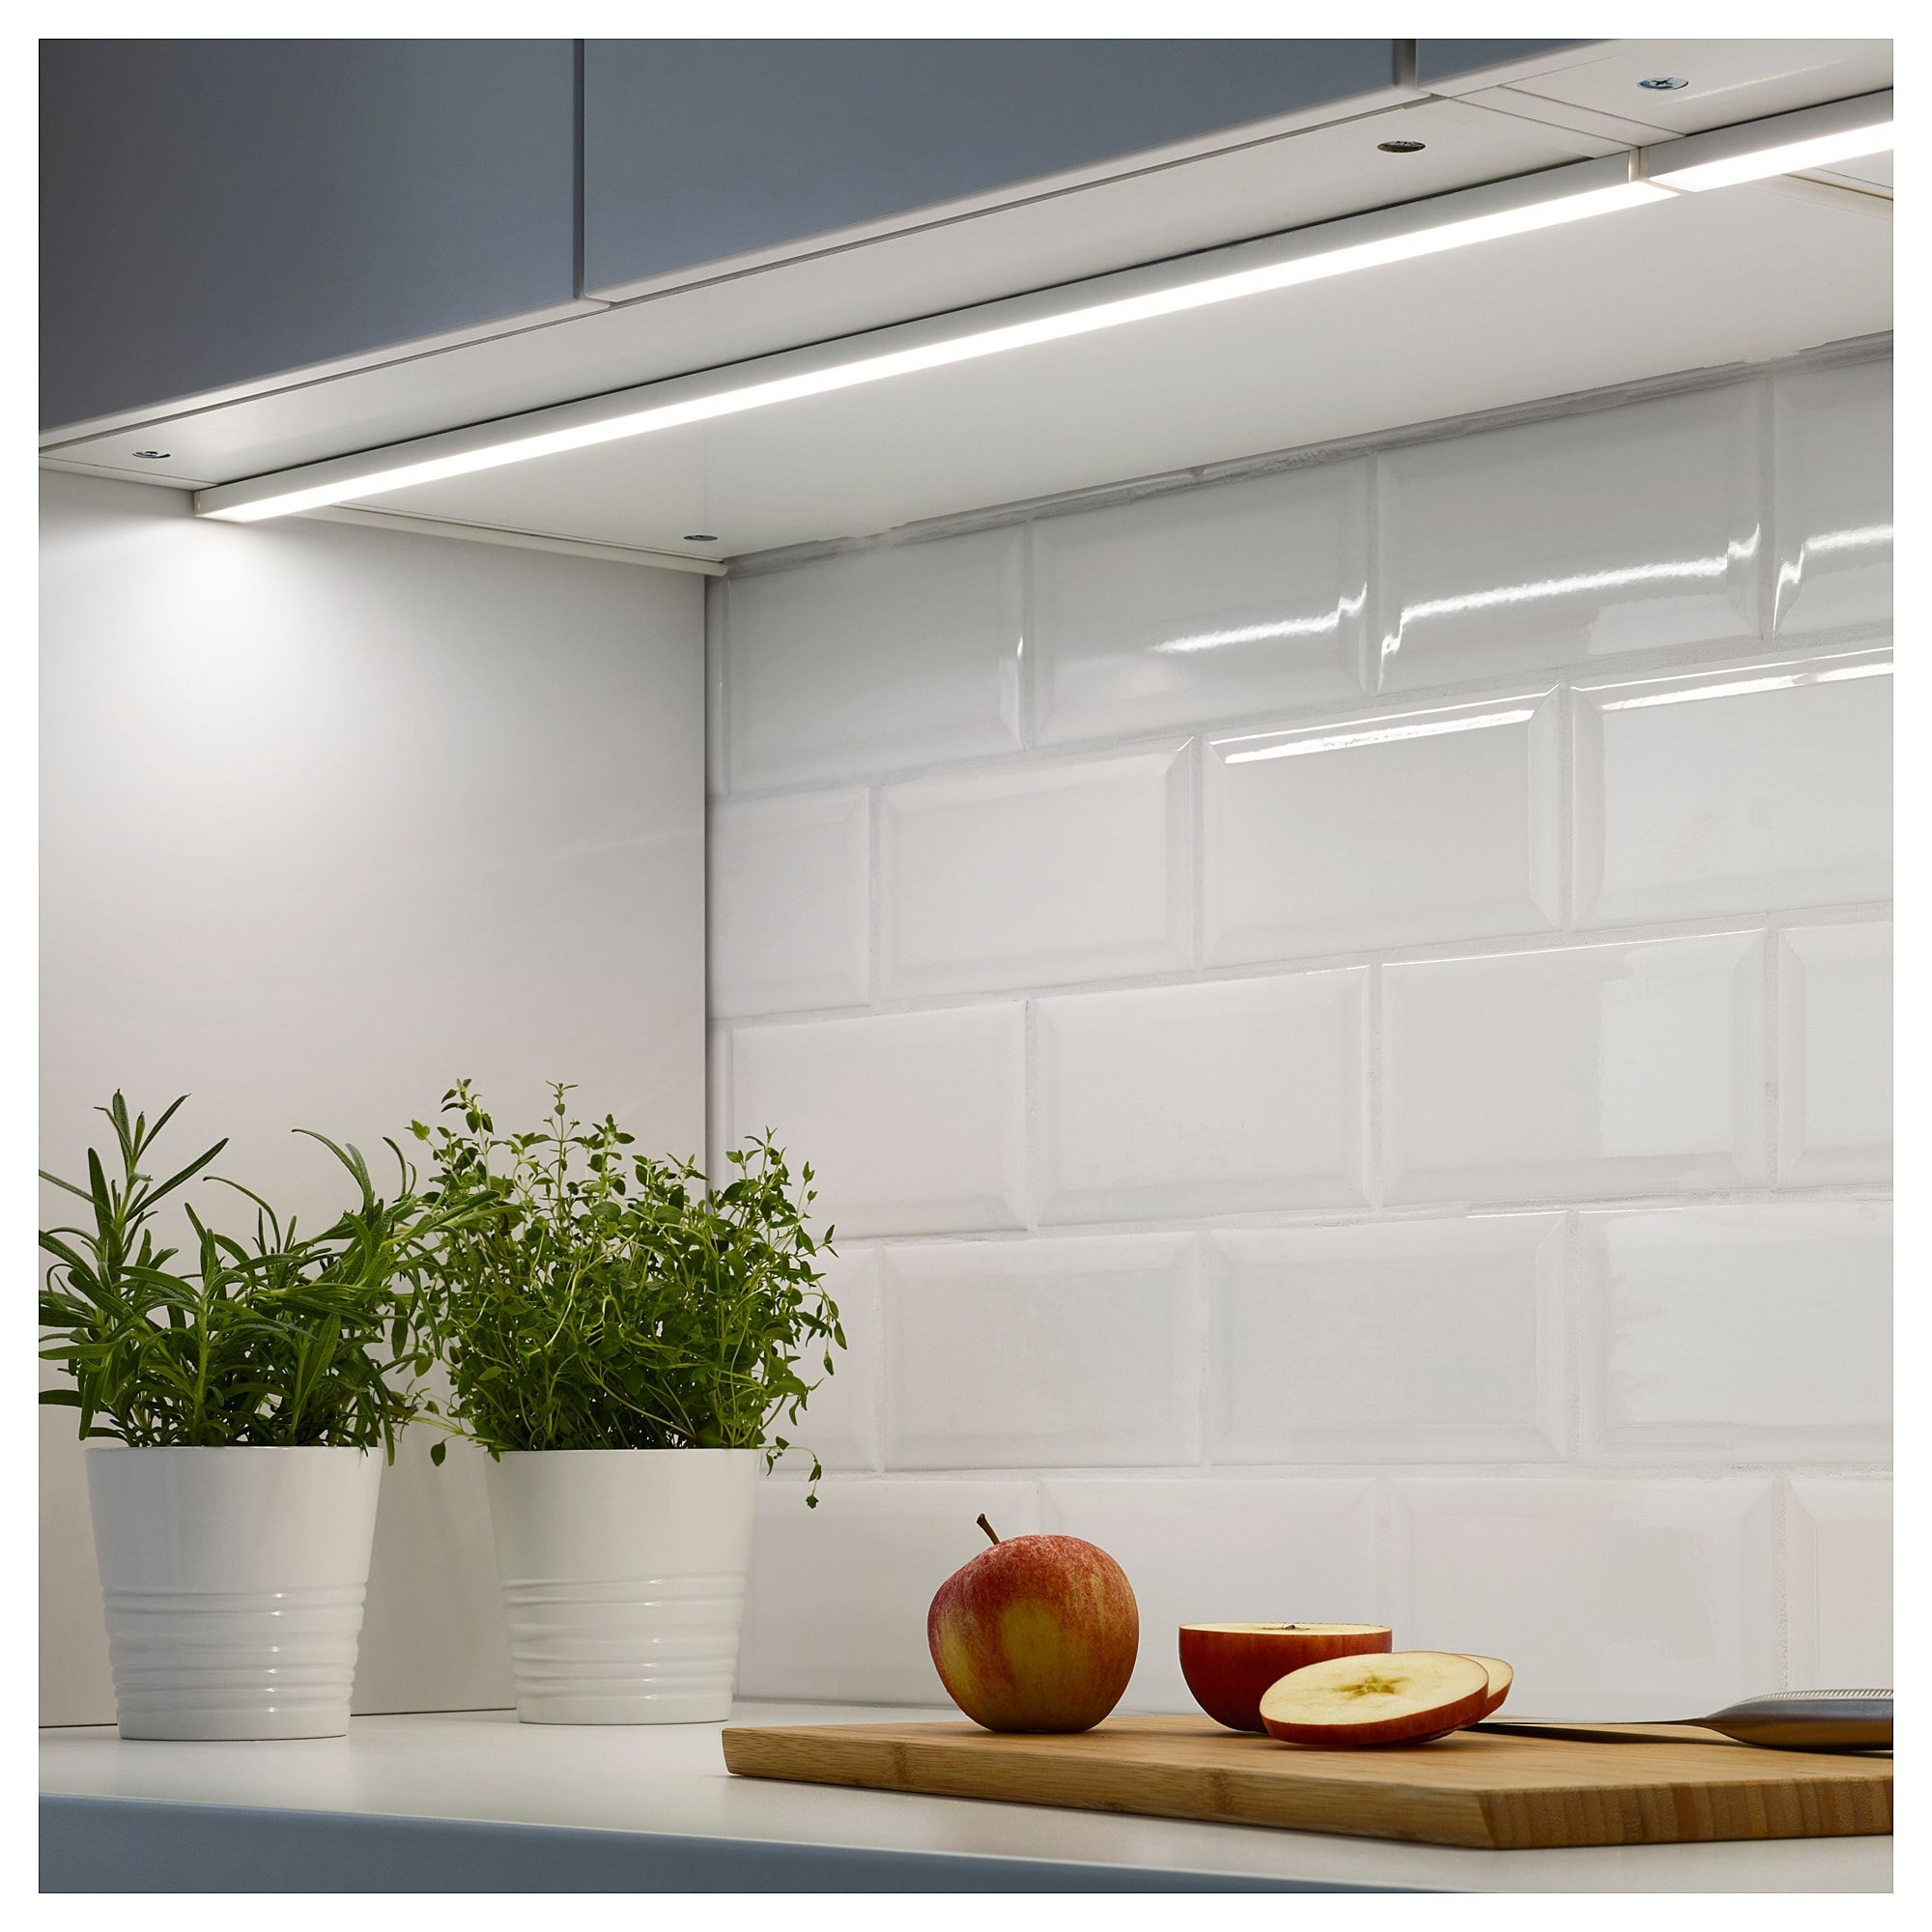 OMLOPP Arbeitsbeleuchtung, LED weiß  Unterschrank beleuchtung